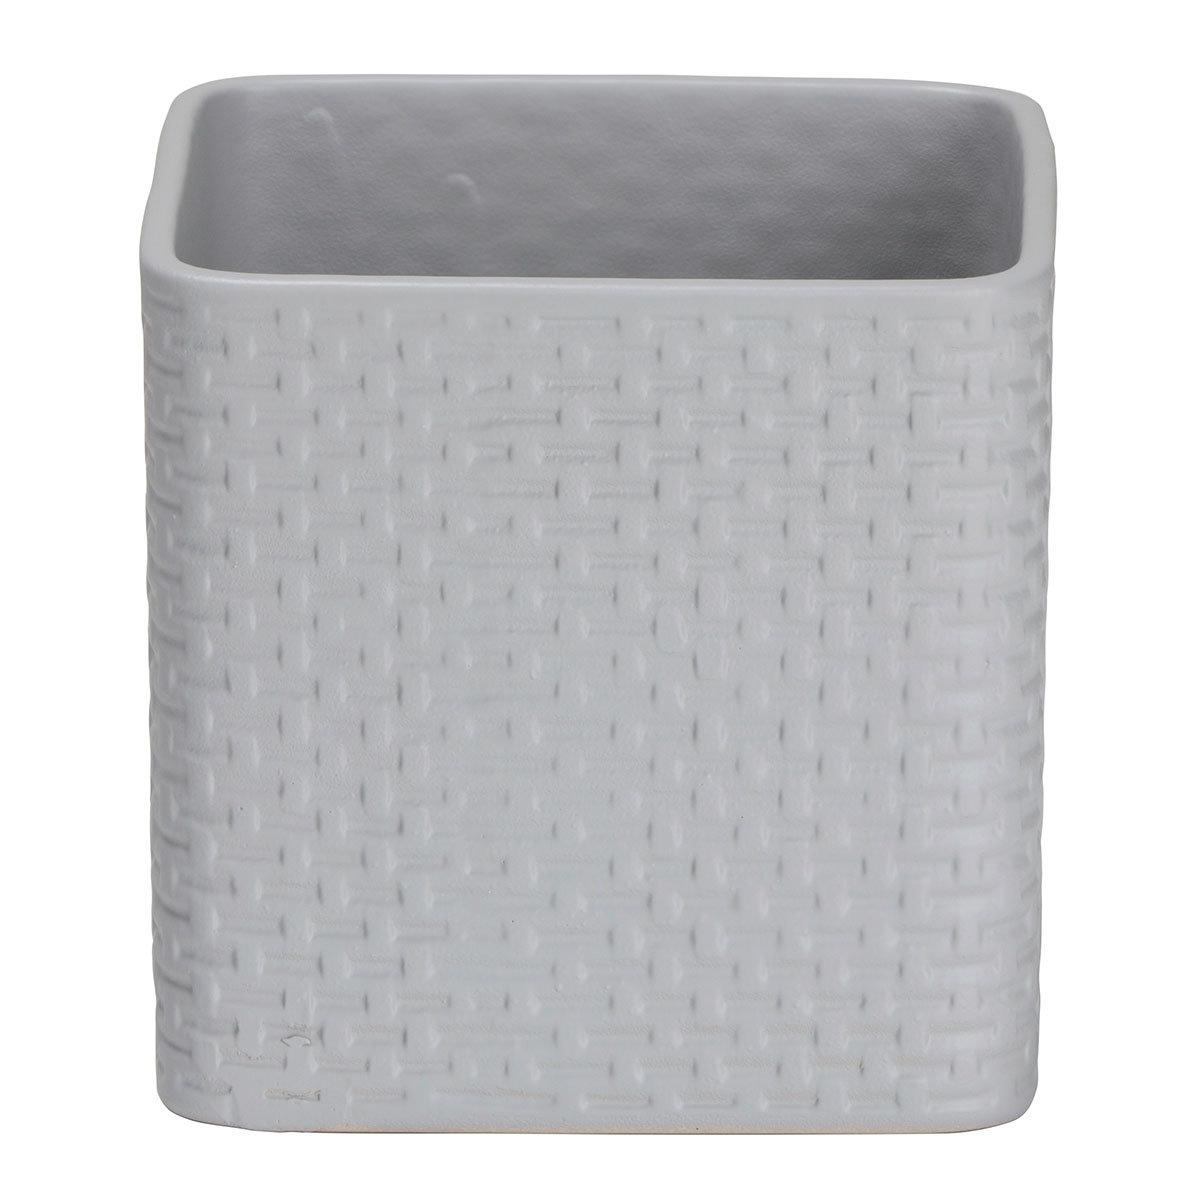 Scheurich Keramik-Übertopf Light Grey, rechteckig 13 cm